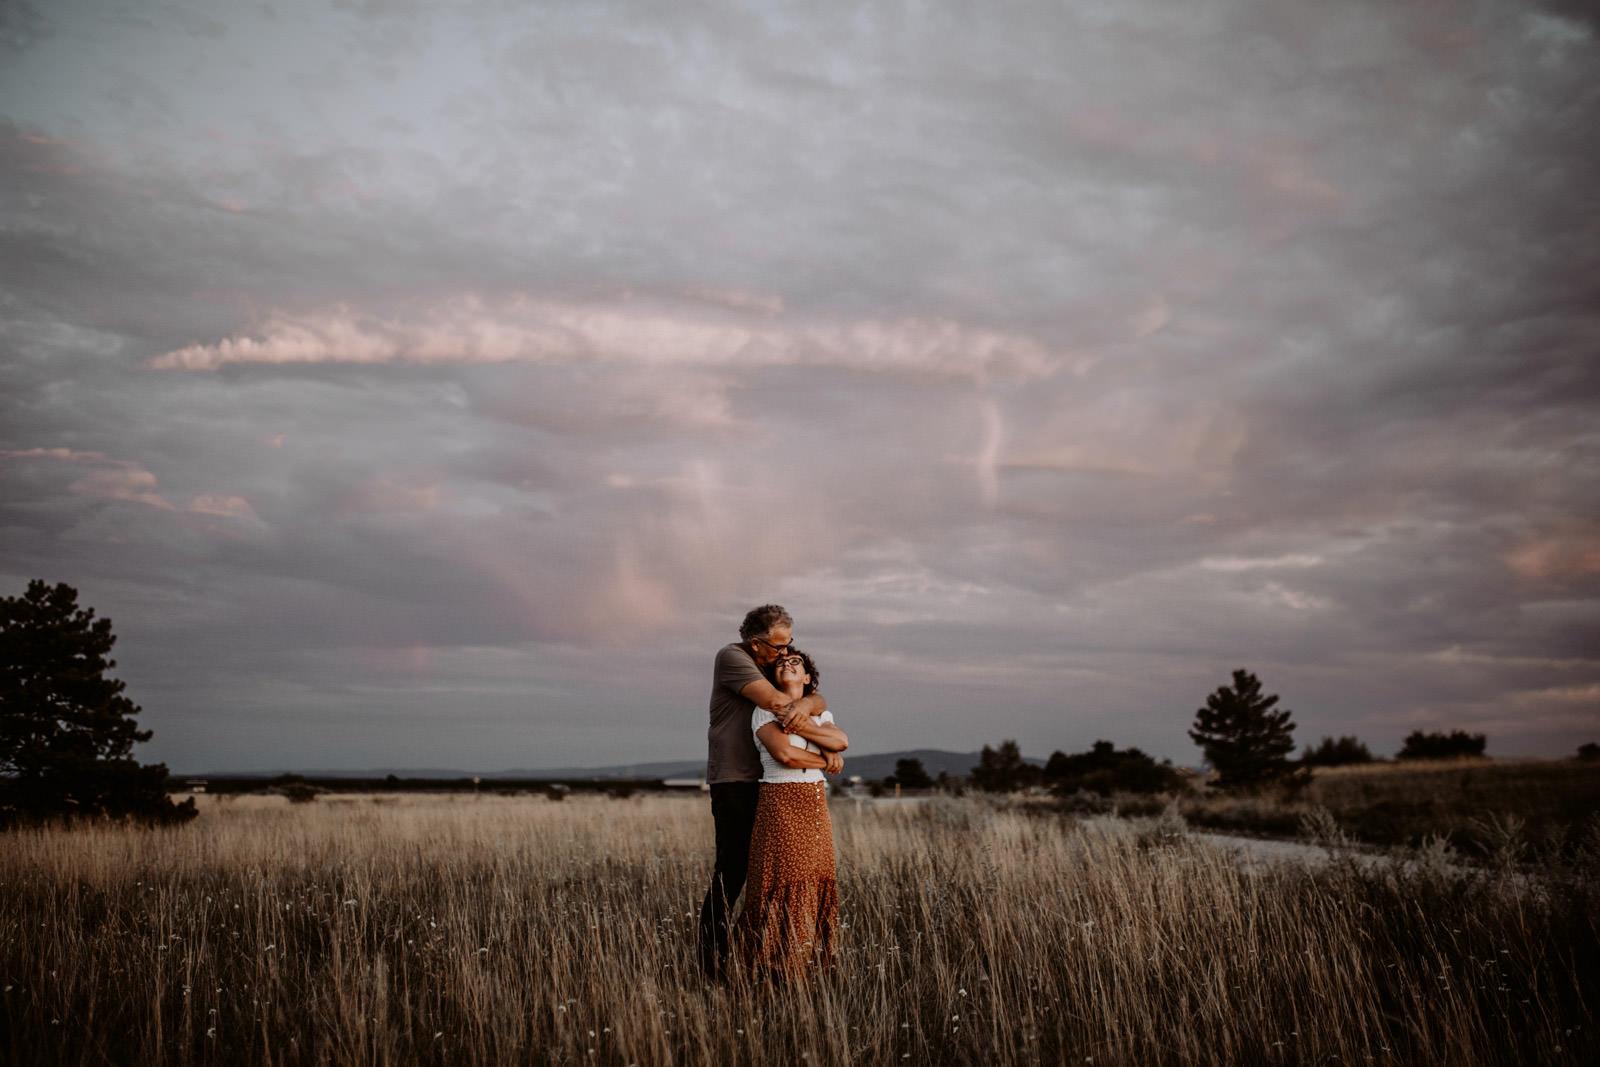 'First love last love' by Kati Schweiger